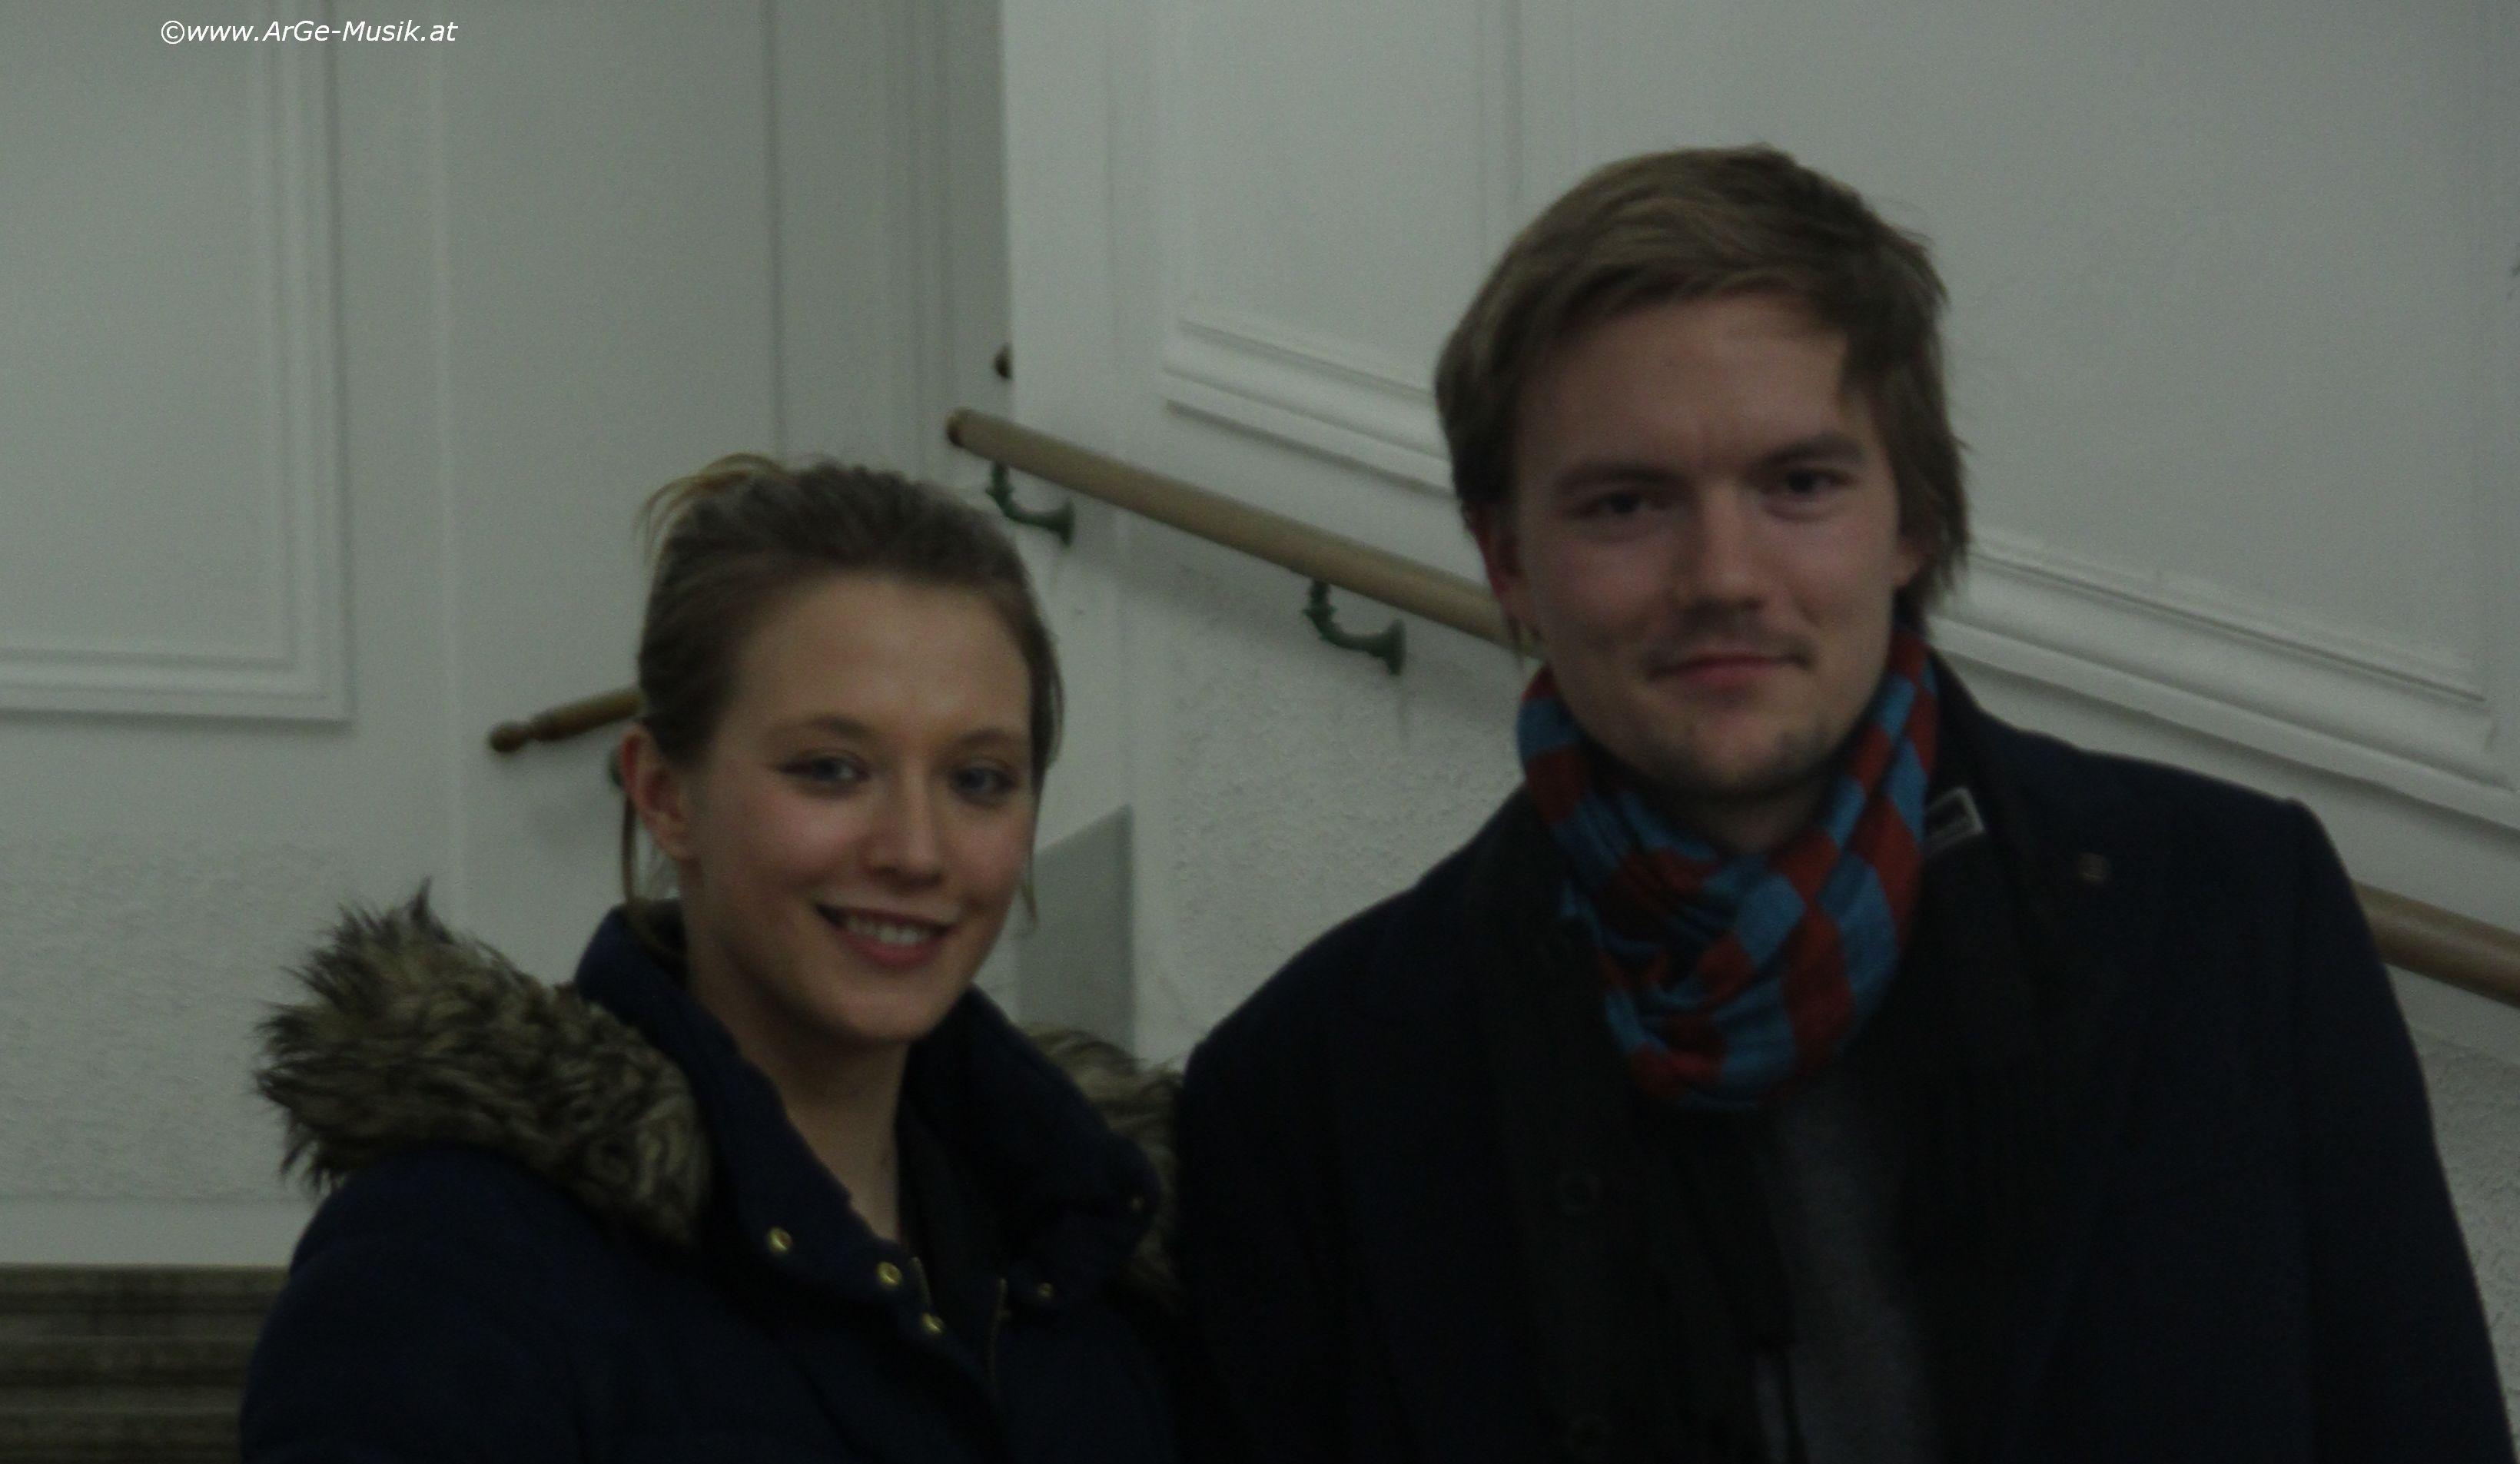 Wiener Blond - Verena Doublier und Sebastian Radon